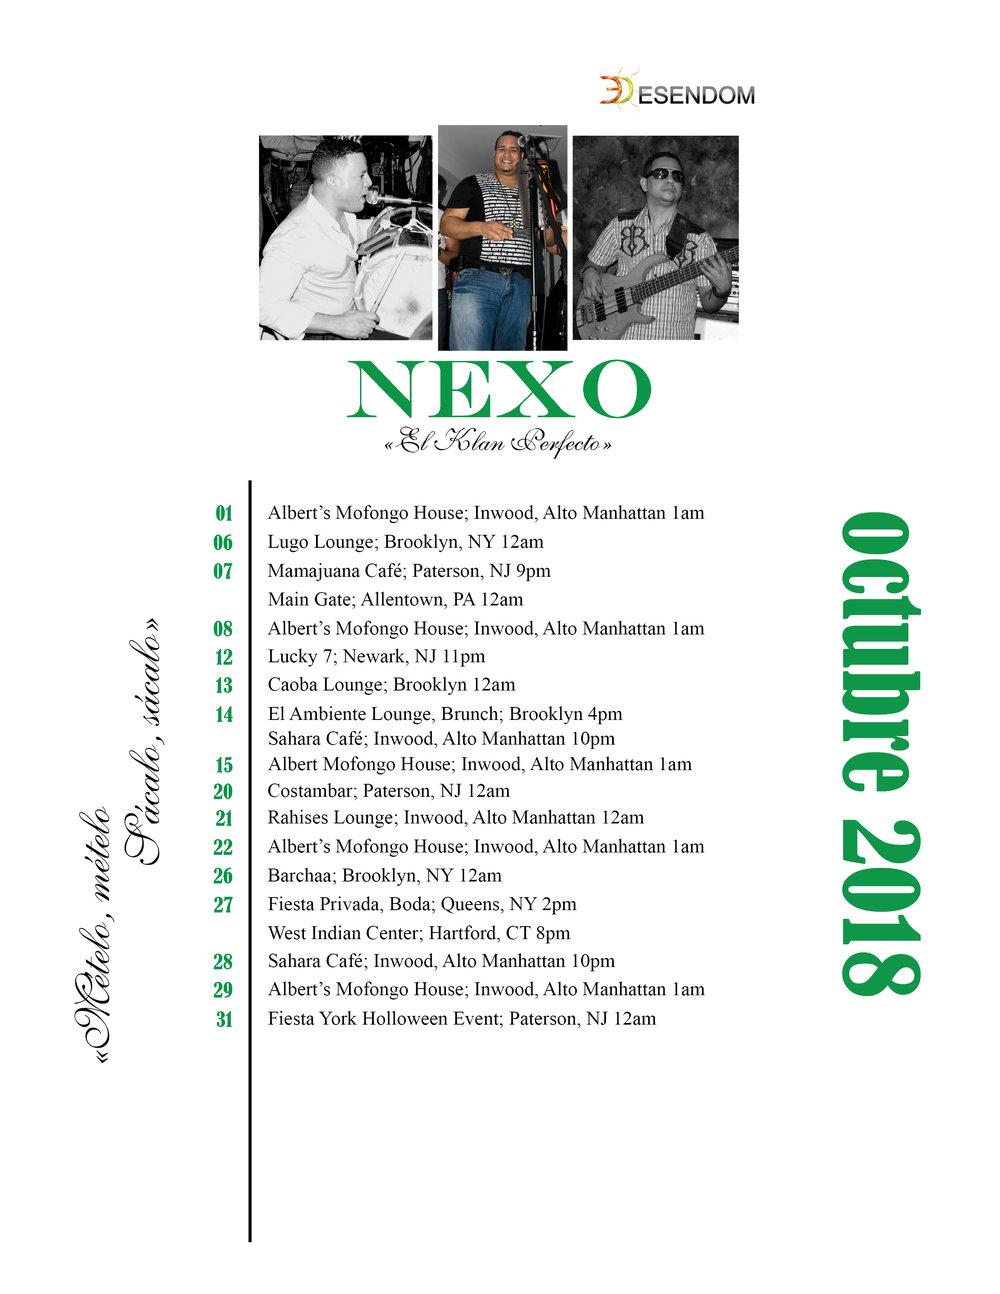 Itinerario oct 2018 Nexo.jpg